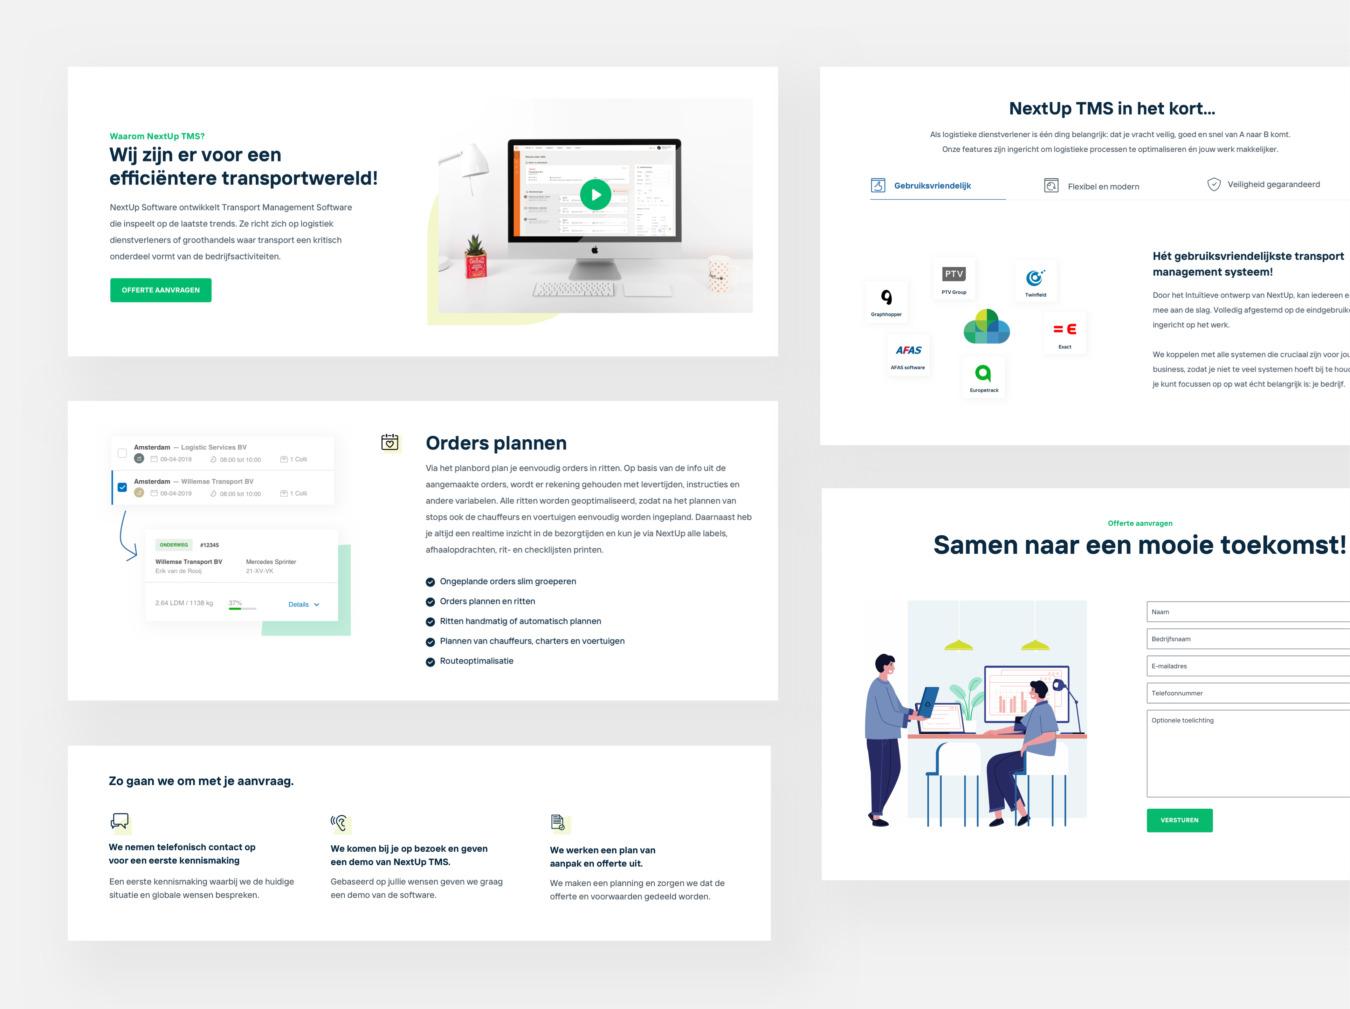 NextUp websitecomponenten